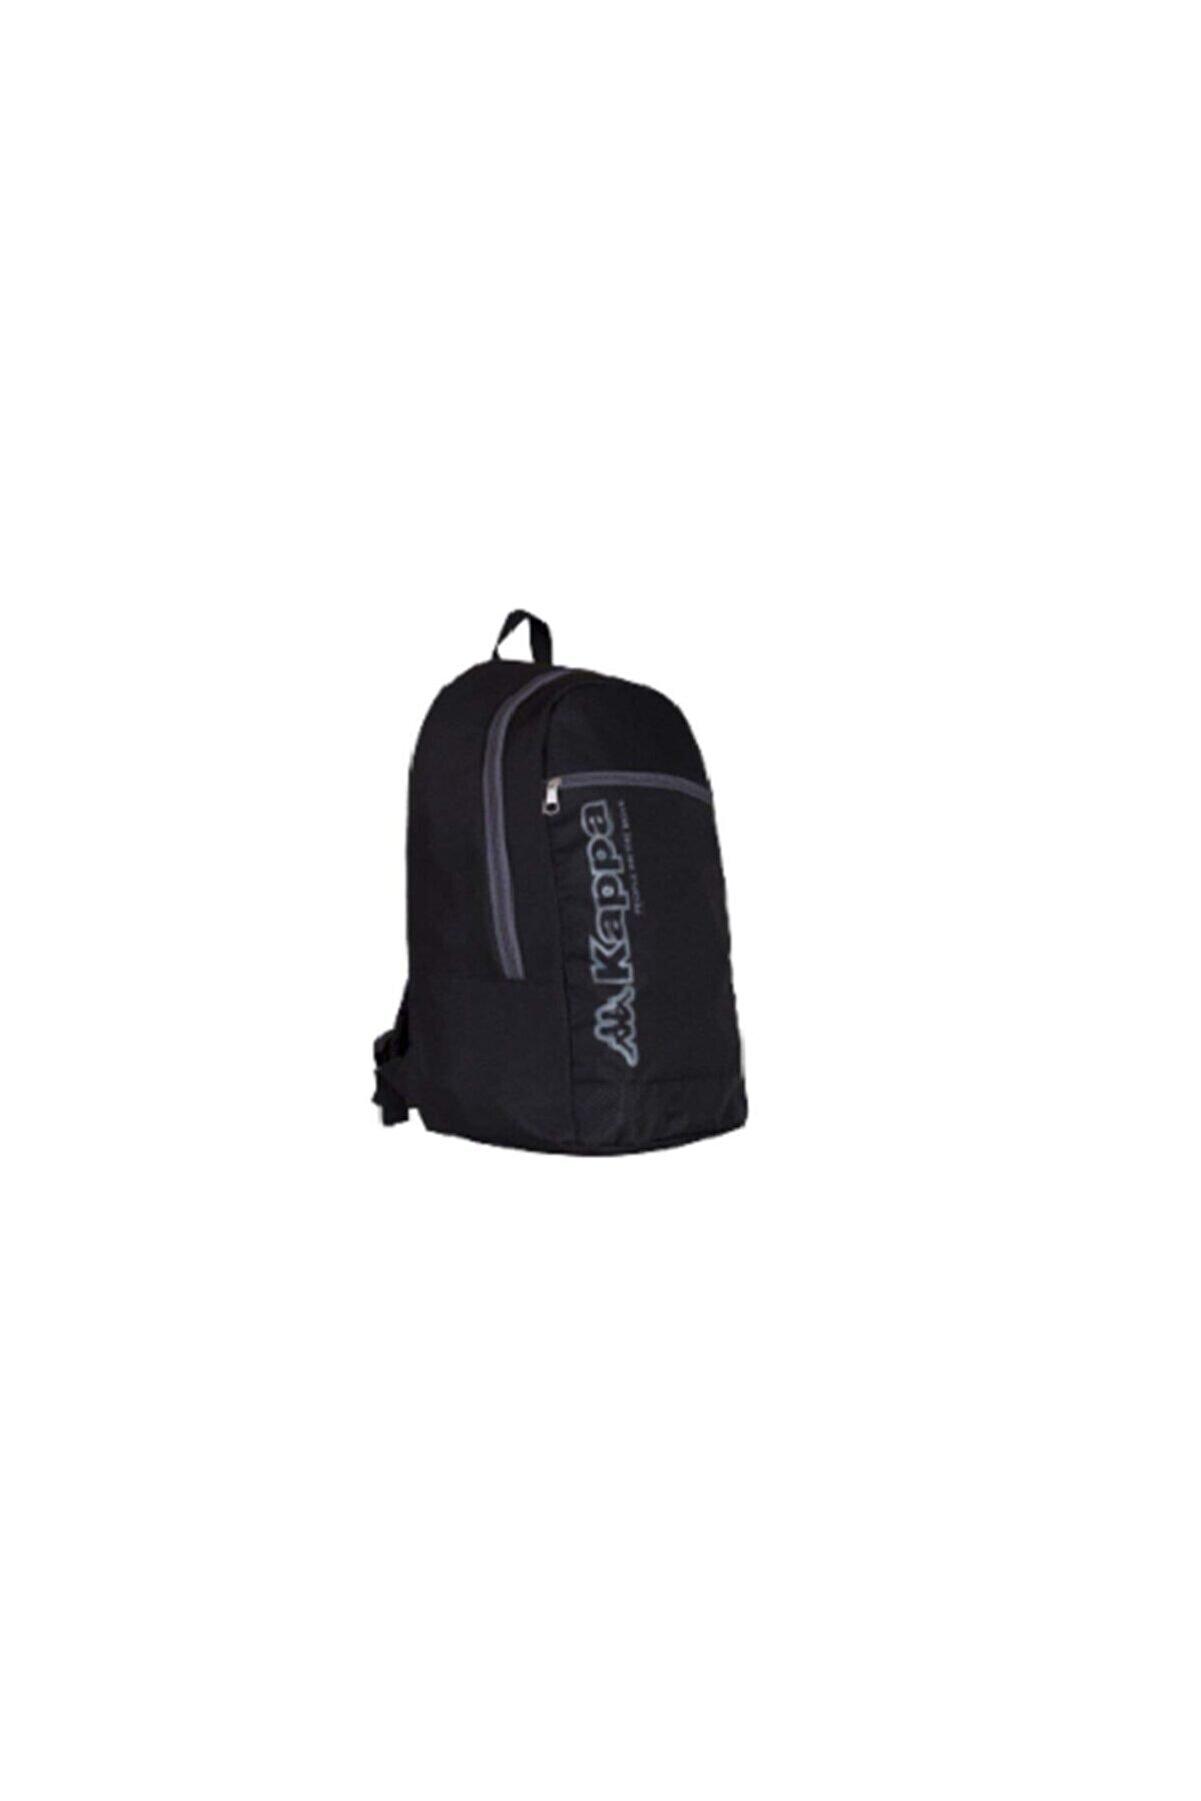 Kappa Unisex Siyah Sırt Spor Çanta